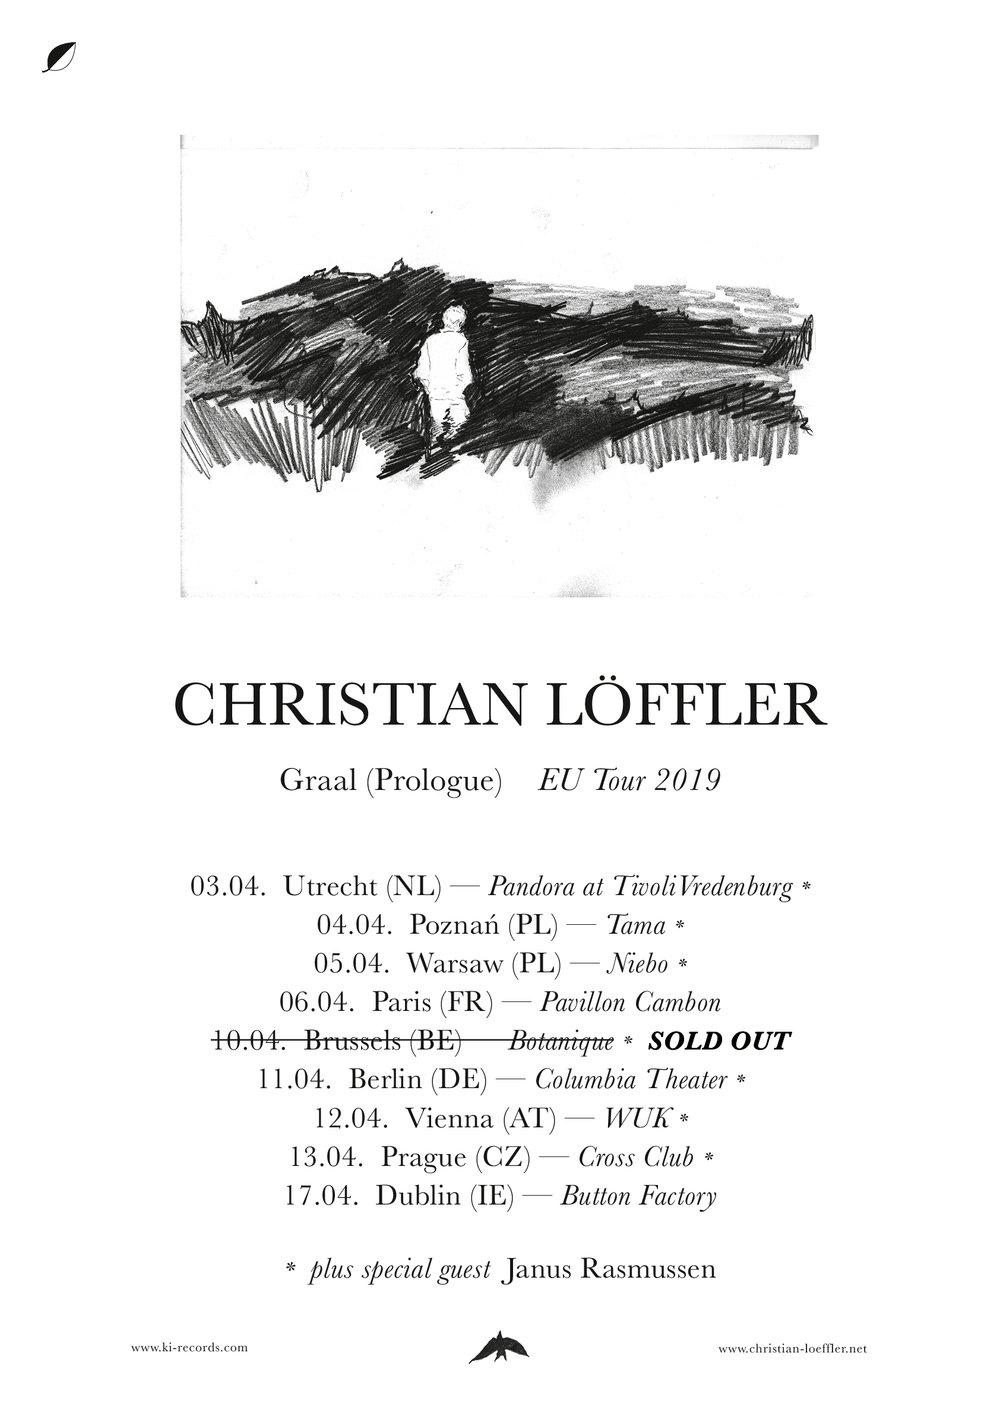 Christian Löffler - Graal Prologue_A1 EU 2019 Tour Poster_UK_WEB_v2.jpg